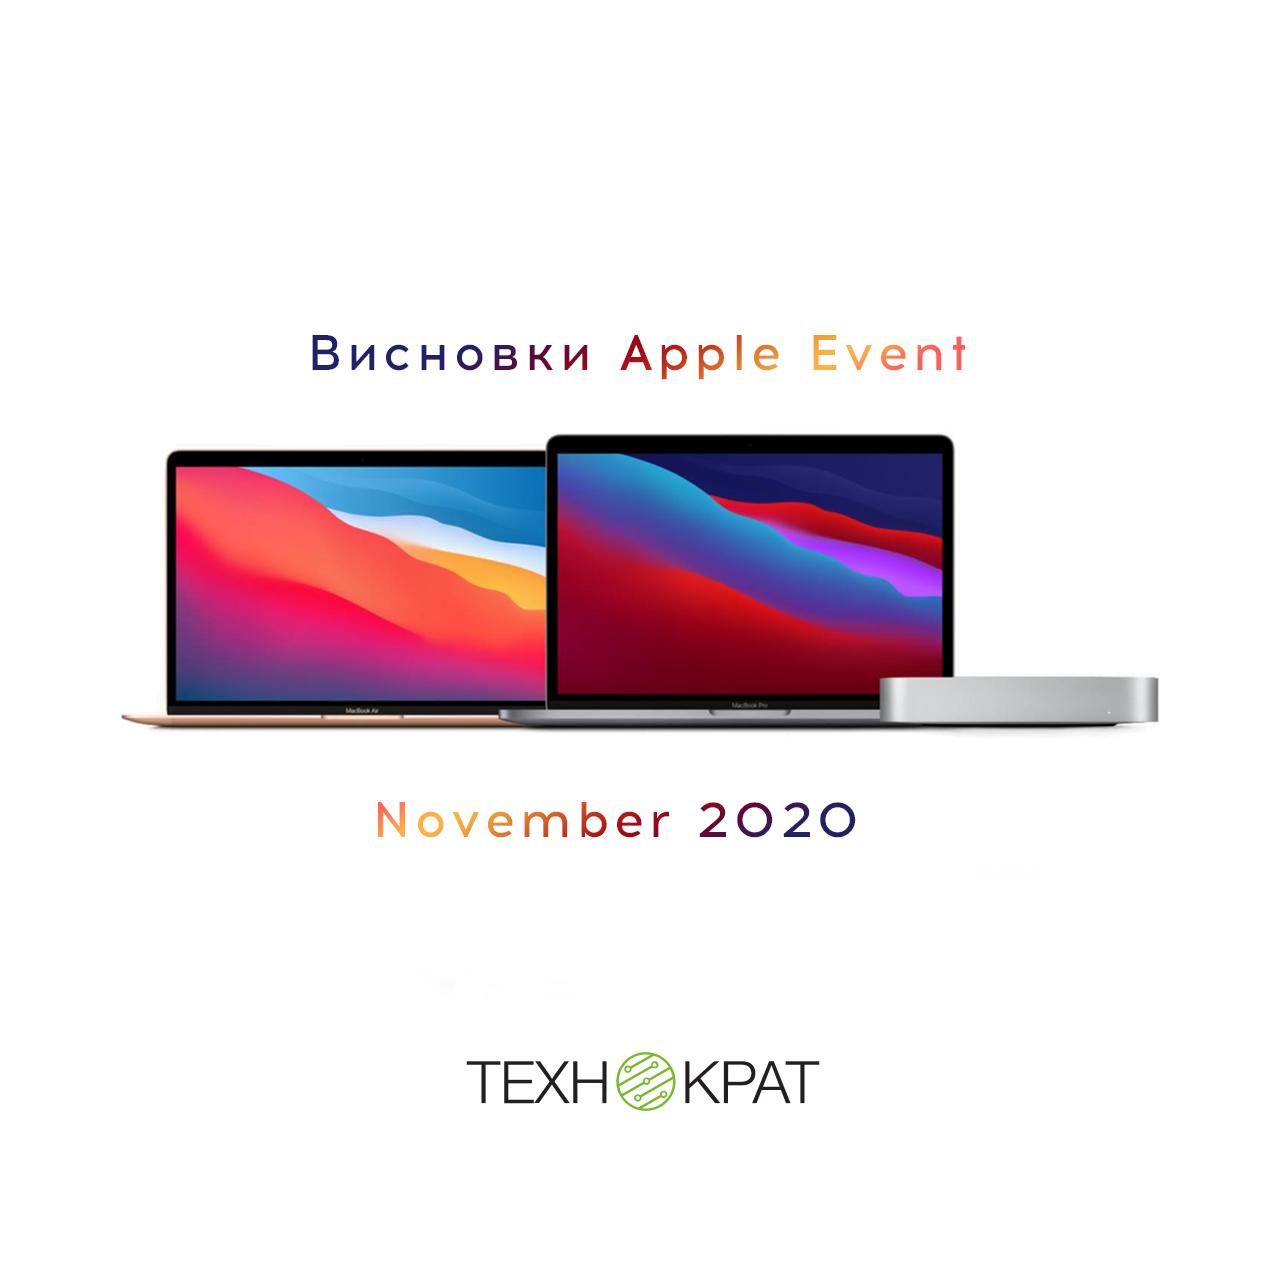 Все, що показала компанія Apple на презентації 10 листопада